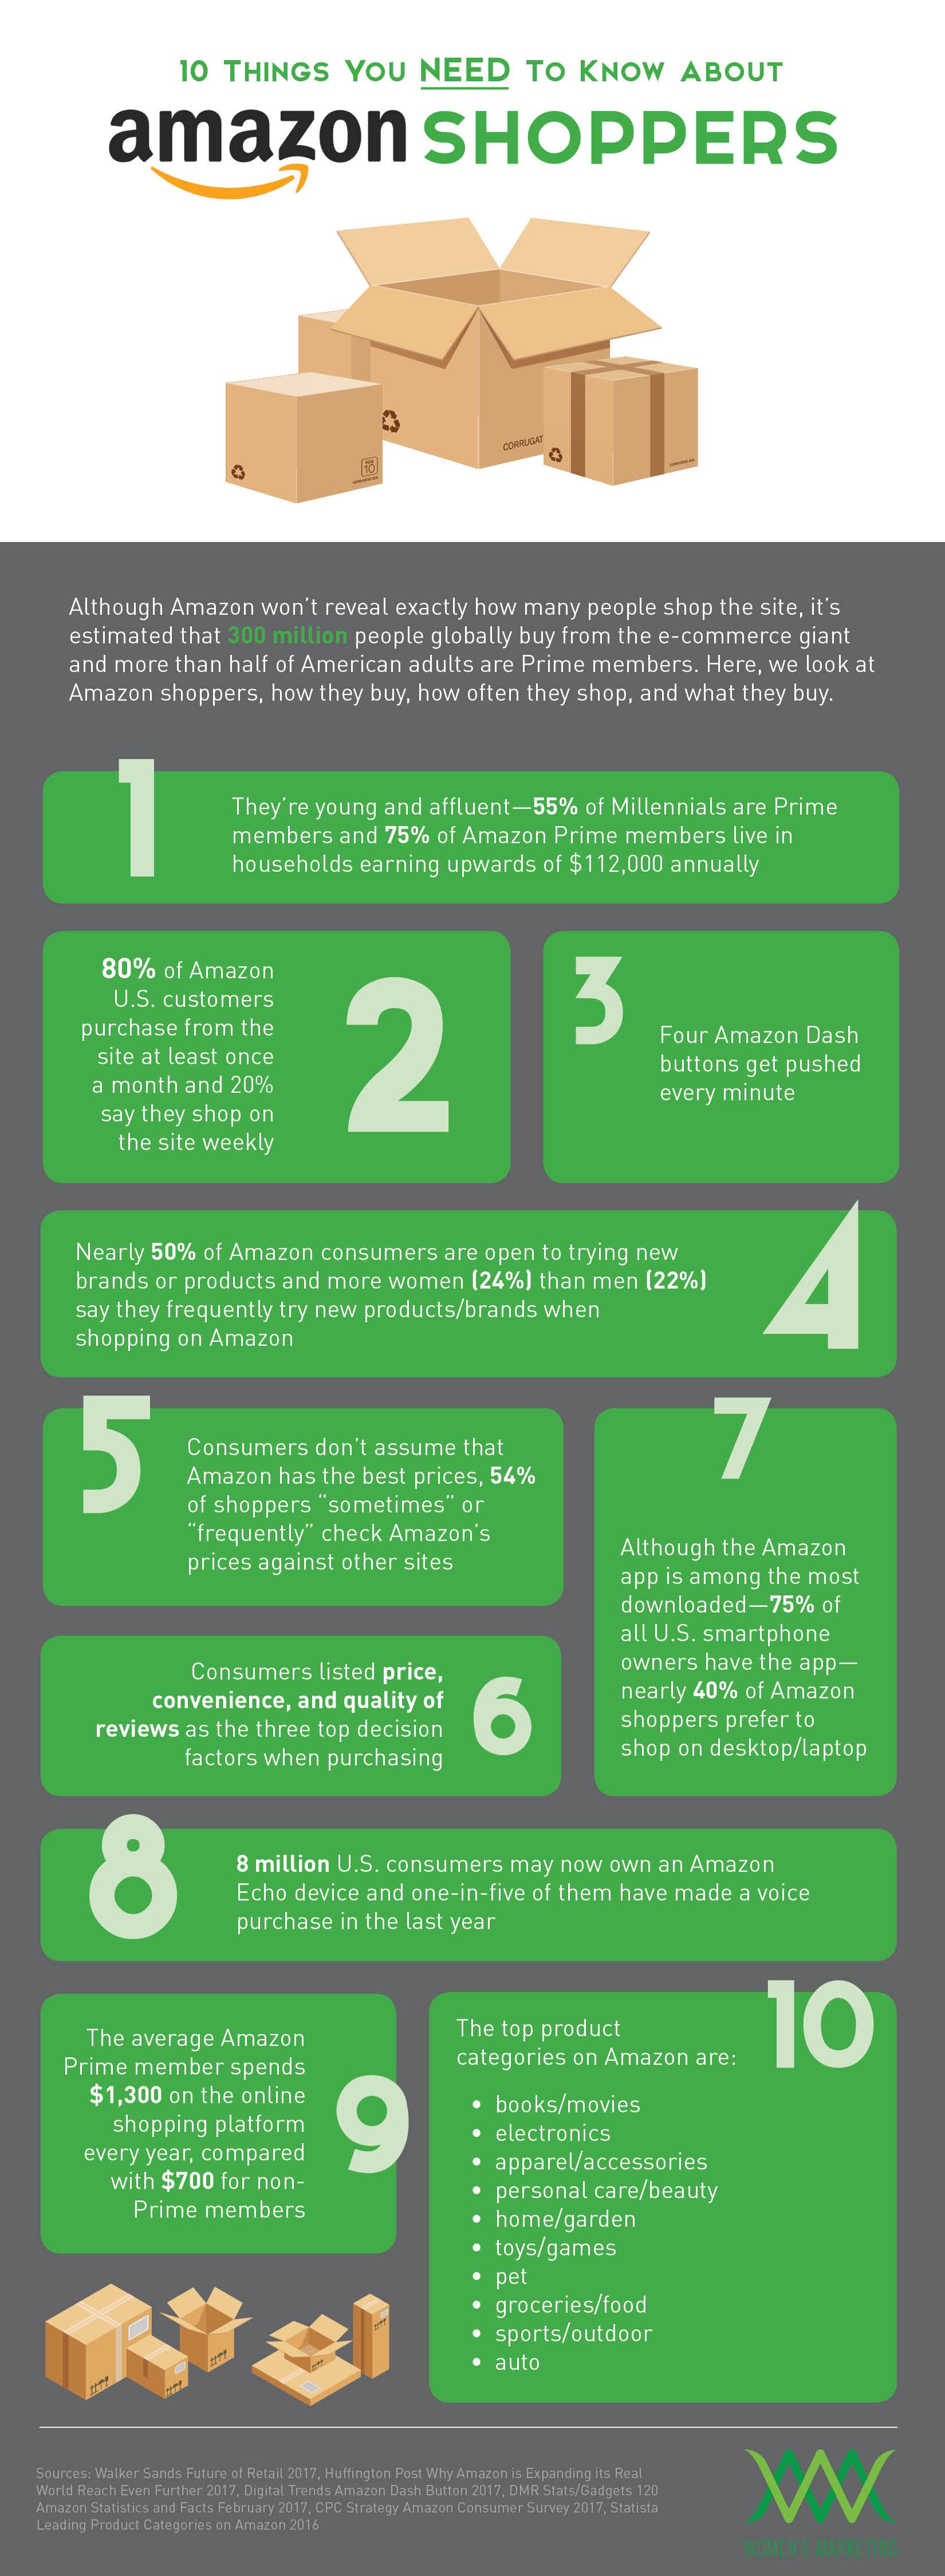 Infographic_10ThingsAmazon.jpg